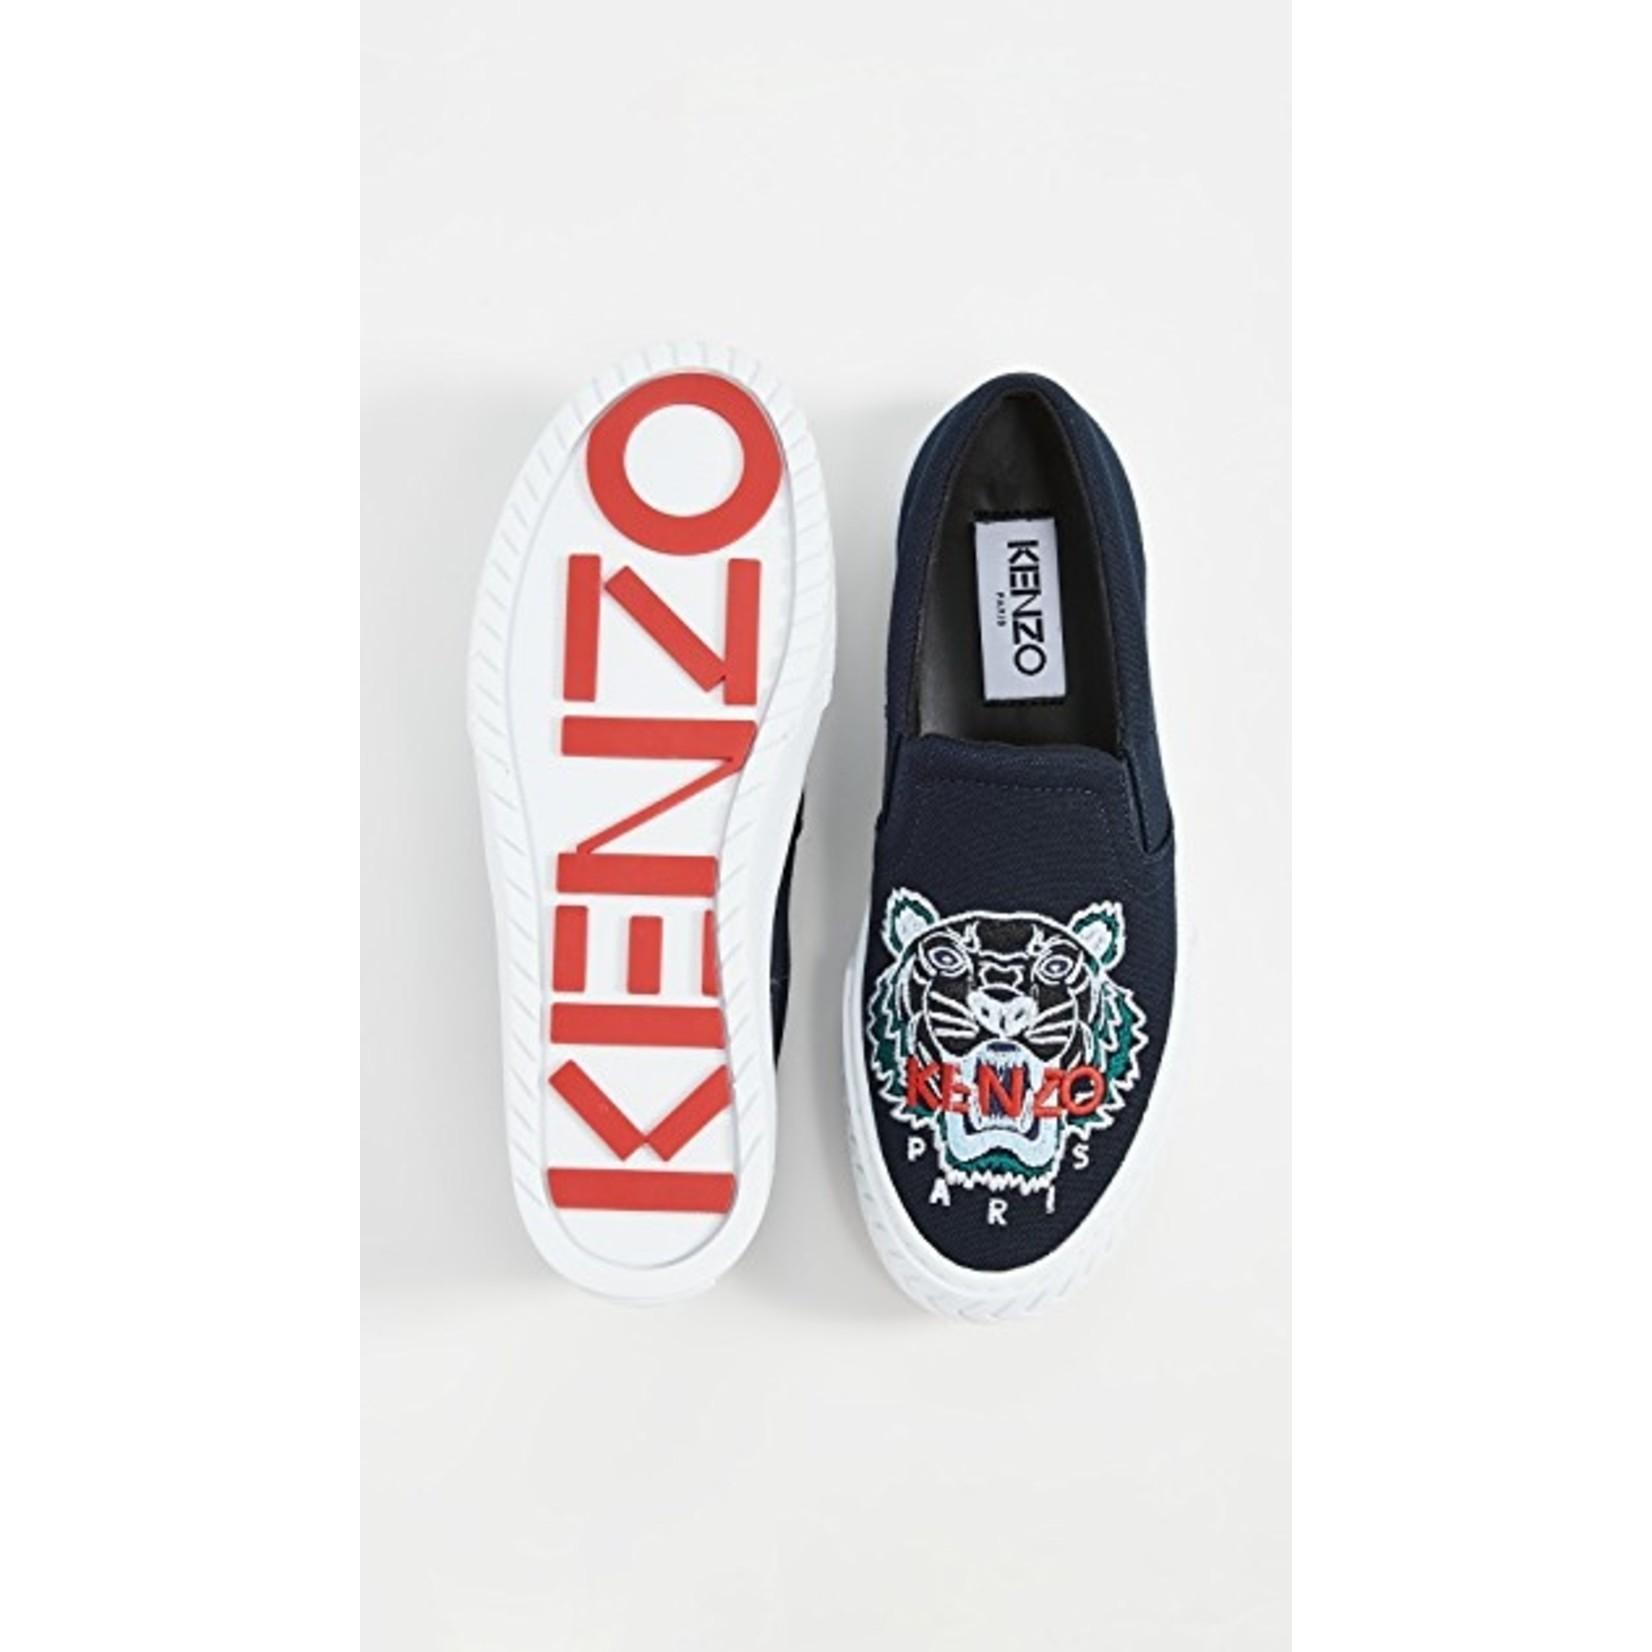 KENZO Kenzo - Unisex Sneakers - K-Skate Slip Ons